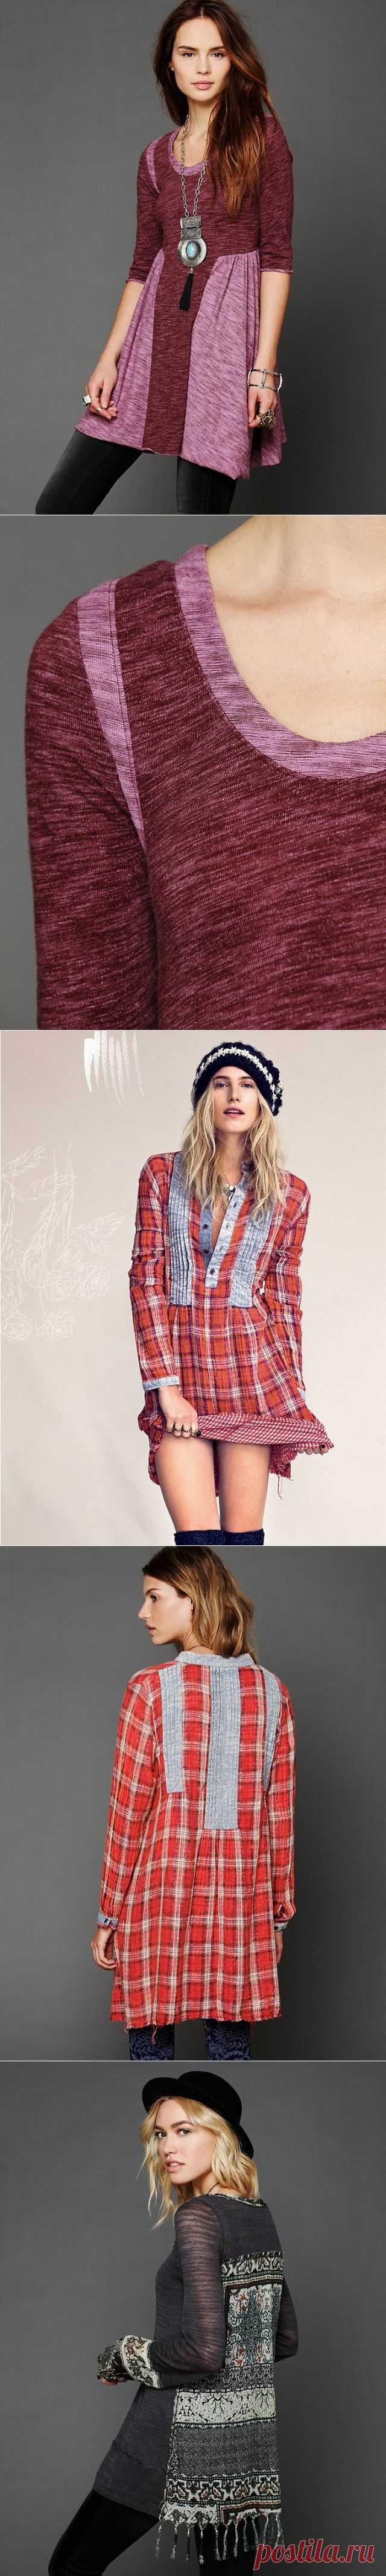 Как увеличить размер платья (подборка идей) / Платья Diy /